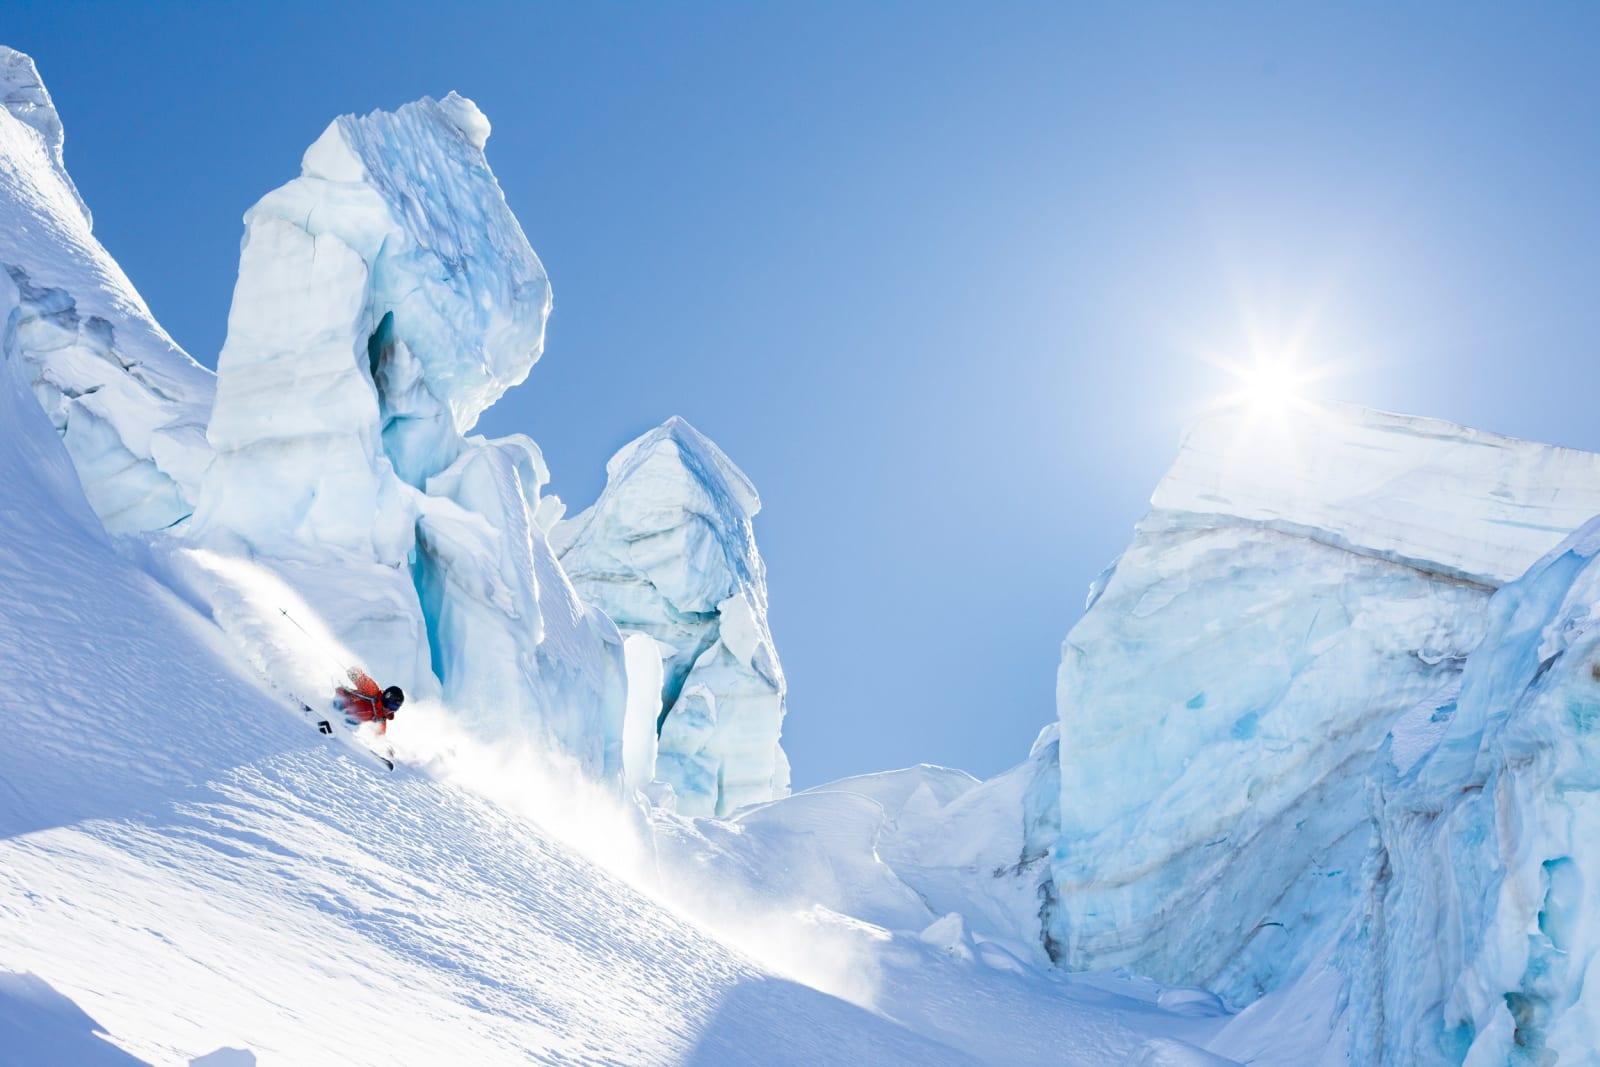 SNOWFINDER.CH: Når du kjenner hver eneste krik og krok i et gigantisk anlegg som Zermatt, da  nner du dypt føre blant iskosser høyt til fjells. Sam Anthamatten tar et dypdykk på hjemmebane. Foto: Jeremy Bernard